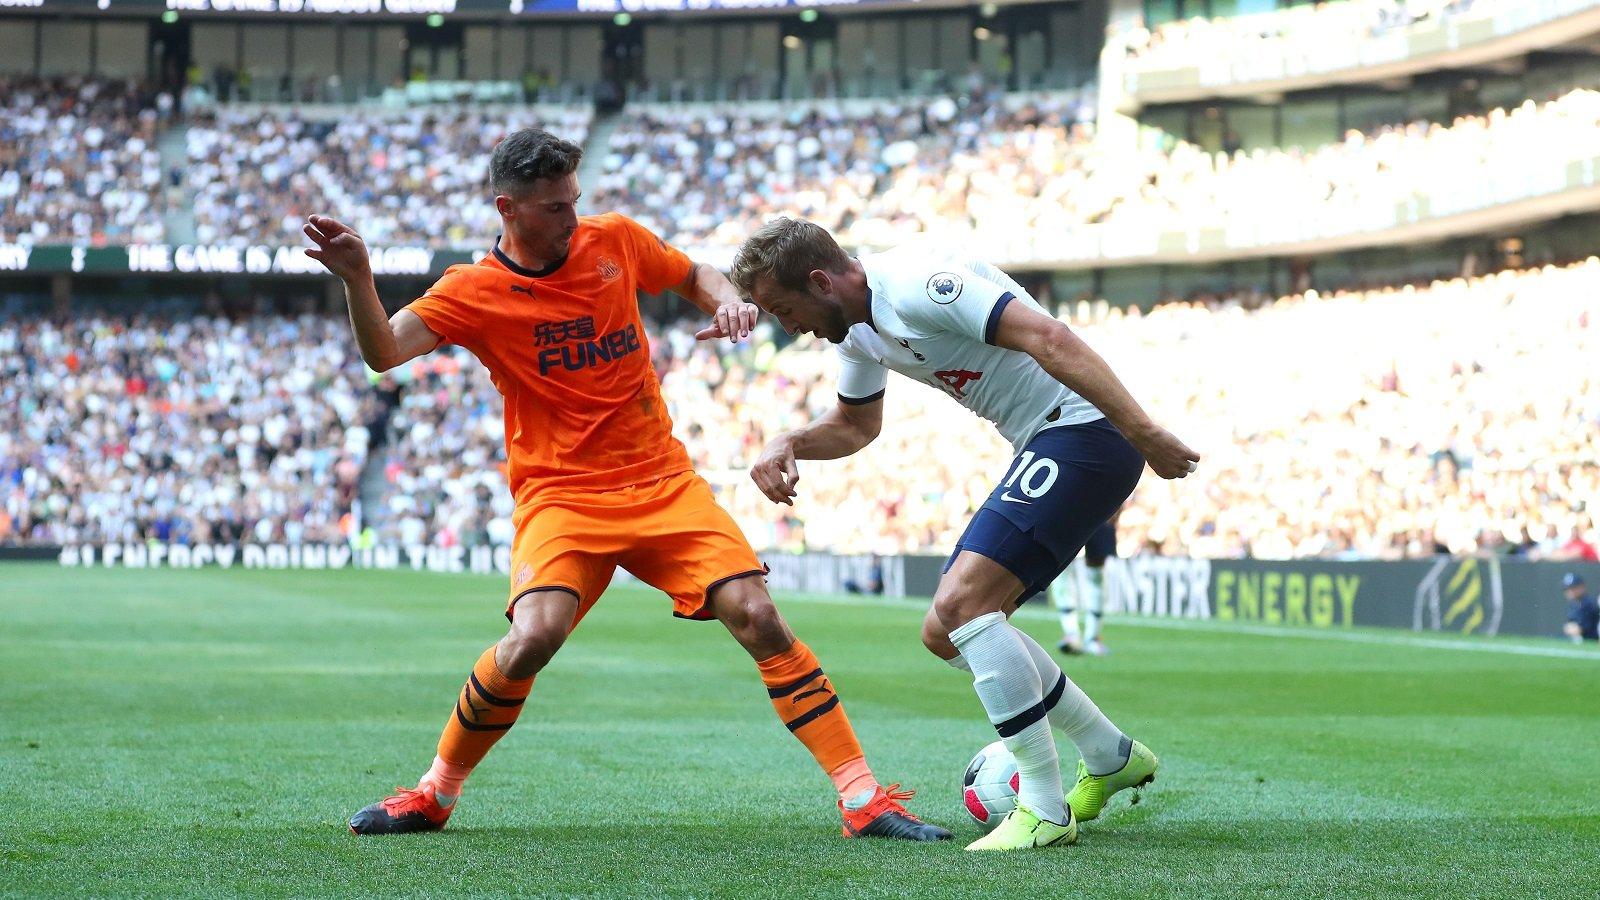 نيوكاسل يقتنص ثلاث نقاط من توتنهام في الدوري الإنجليزي